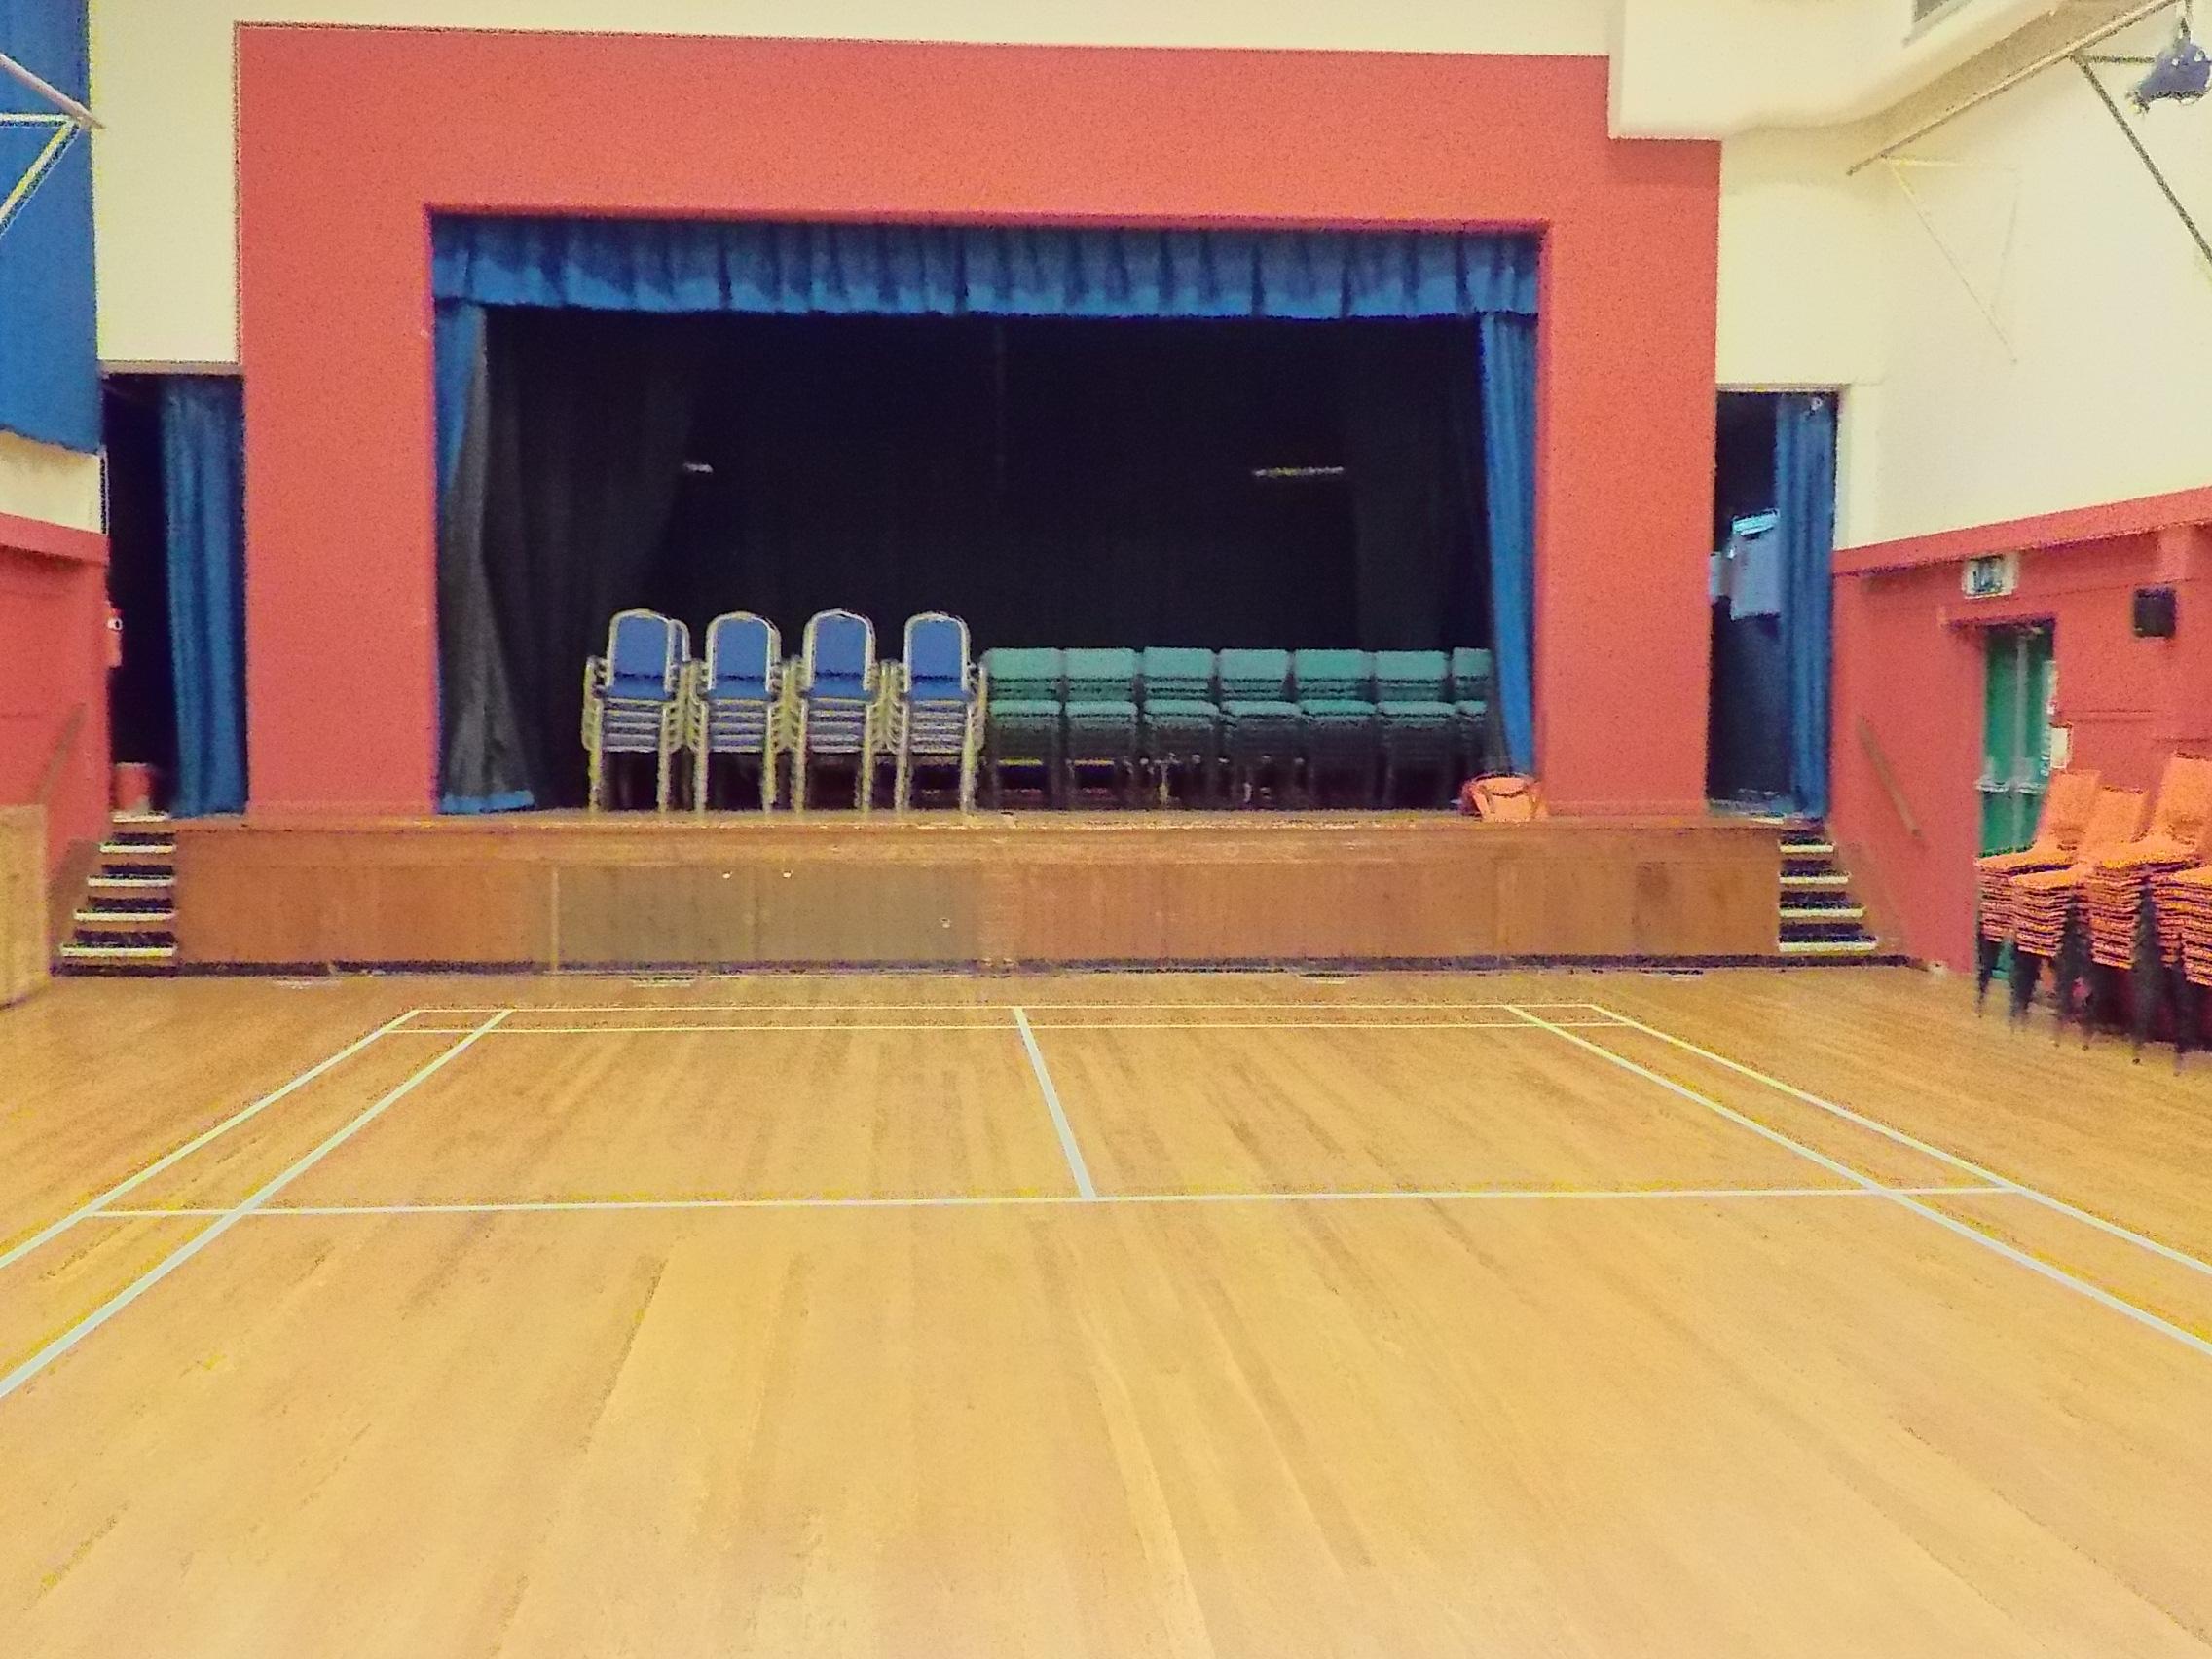 Selwyn Hall Box